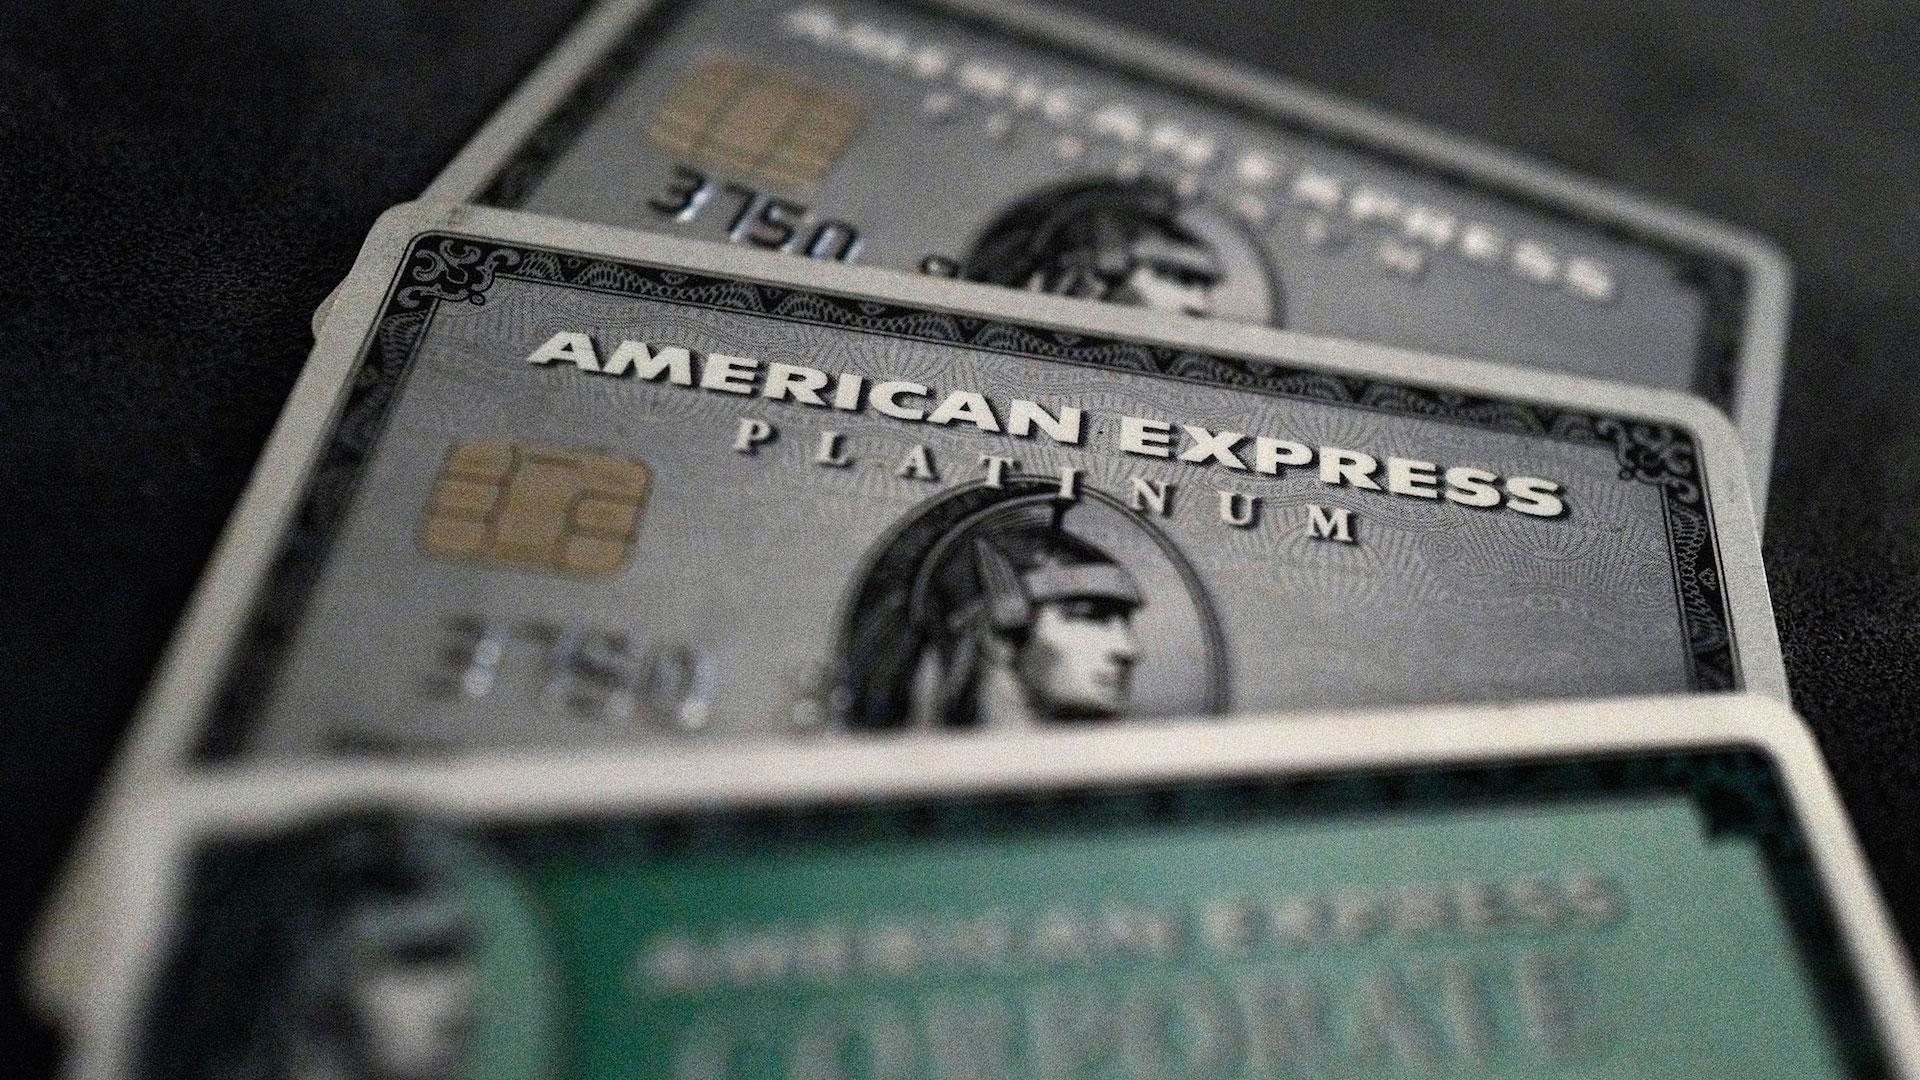 No será necesario firmar las compras hechas con tarjetas American Express (mundialmente)